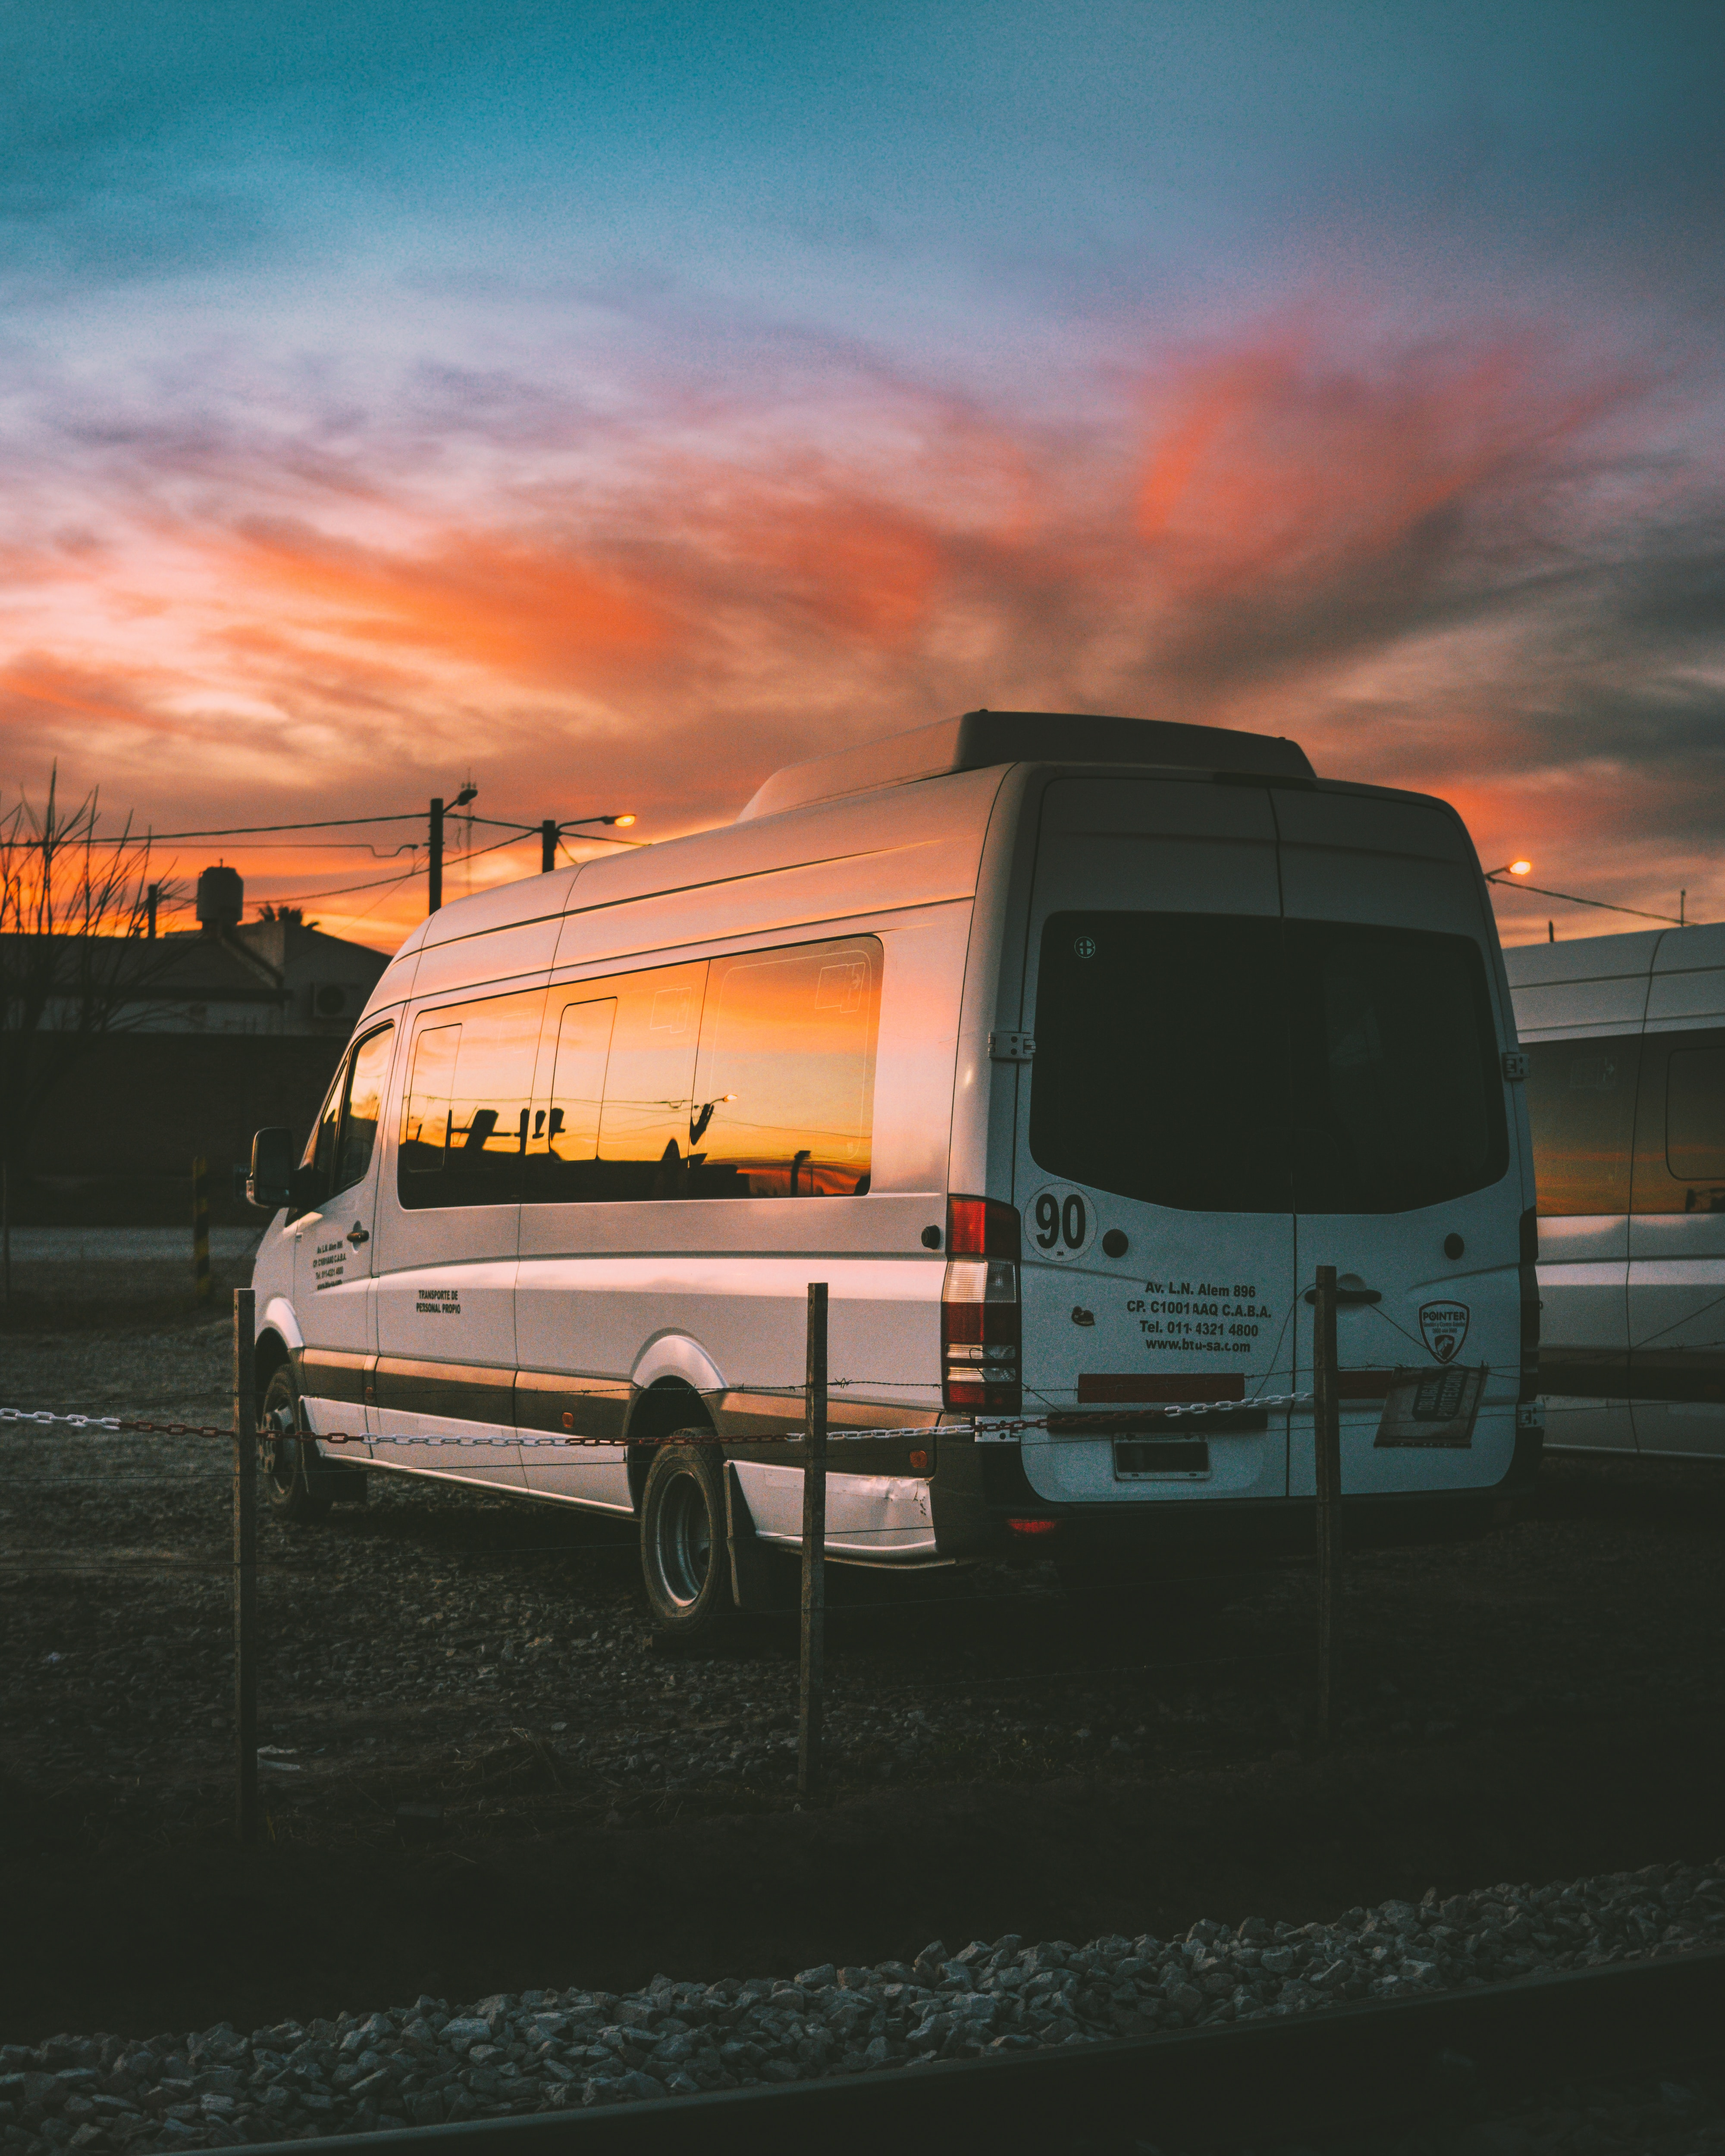 Photo of minibus in sunset